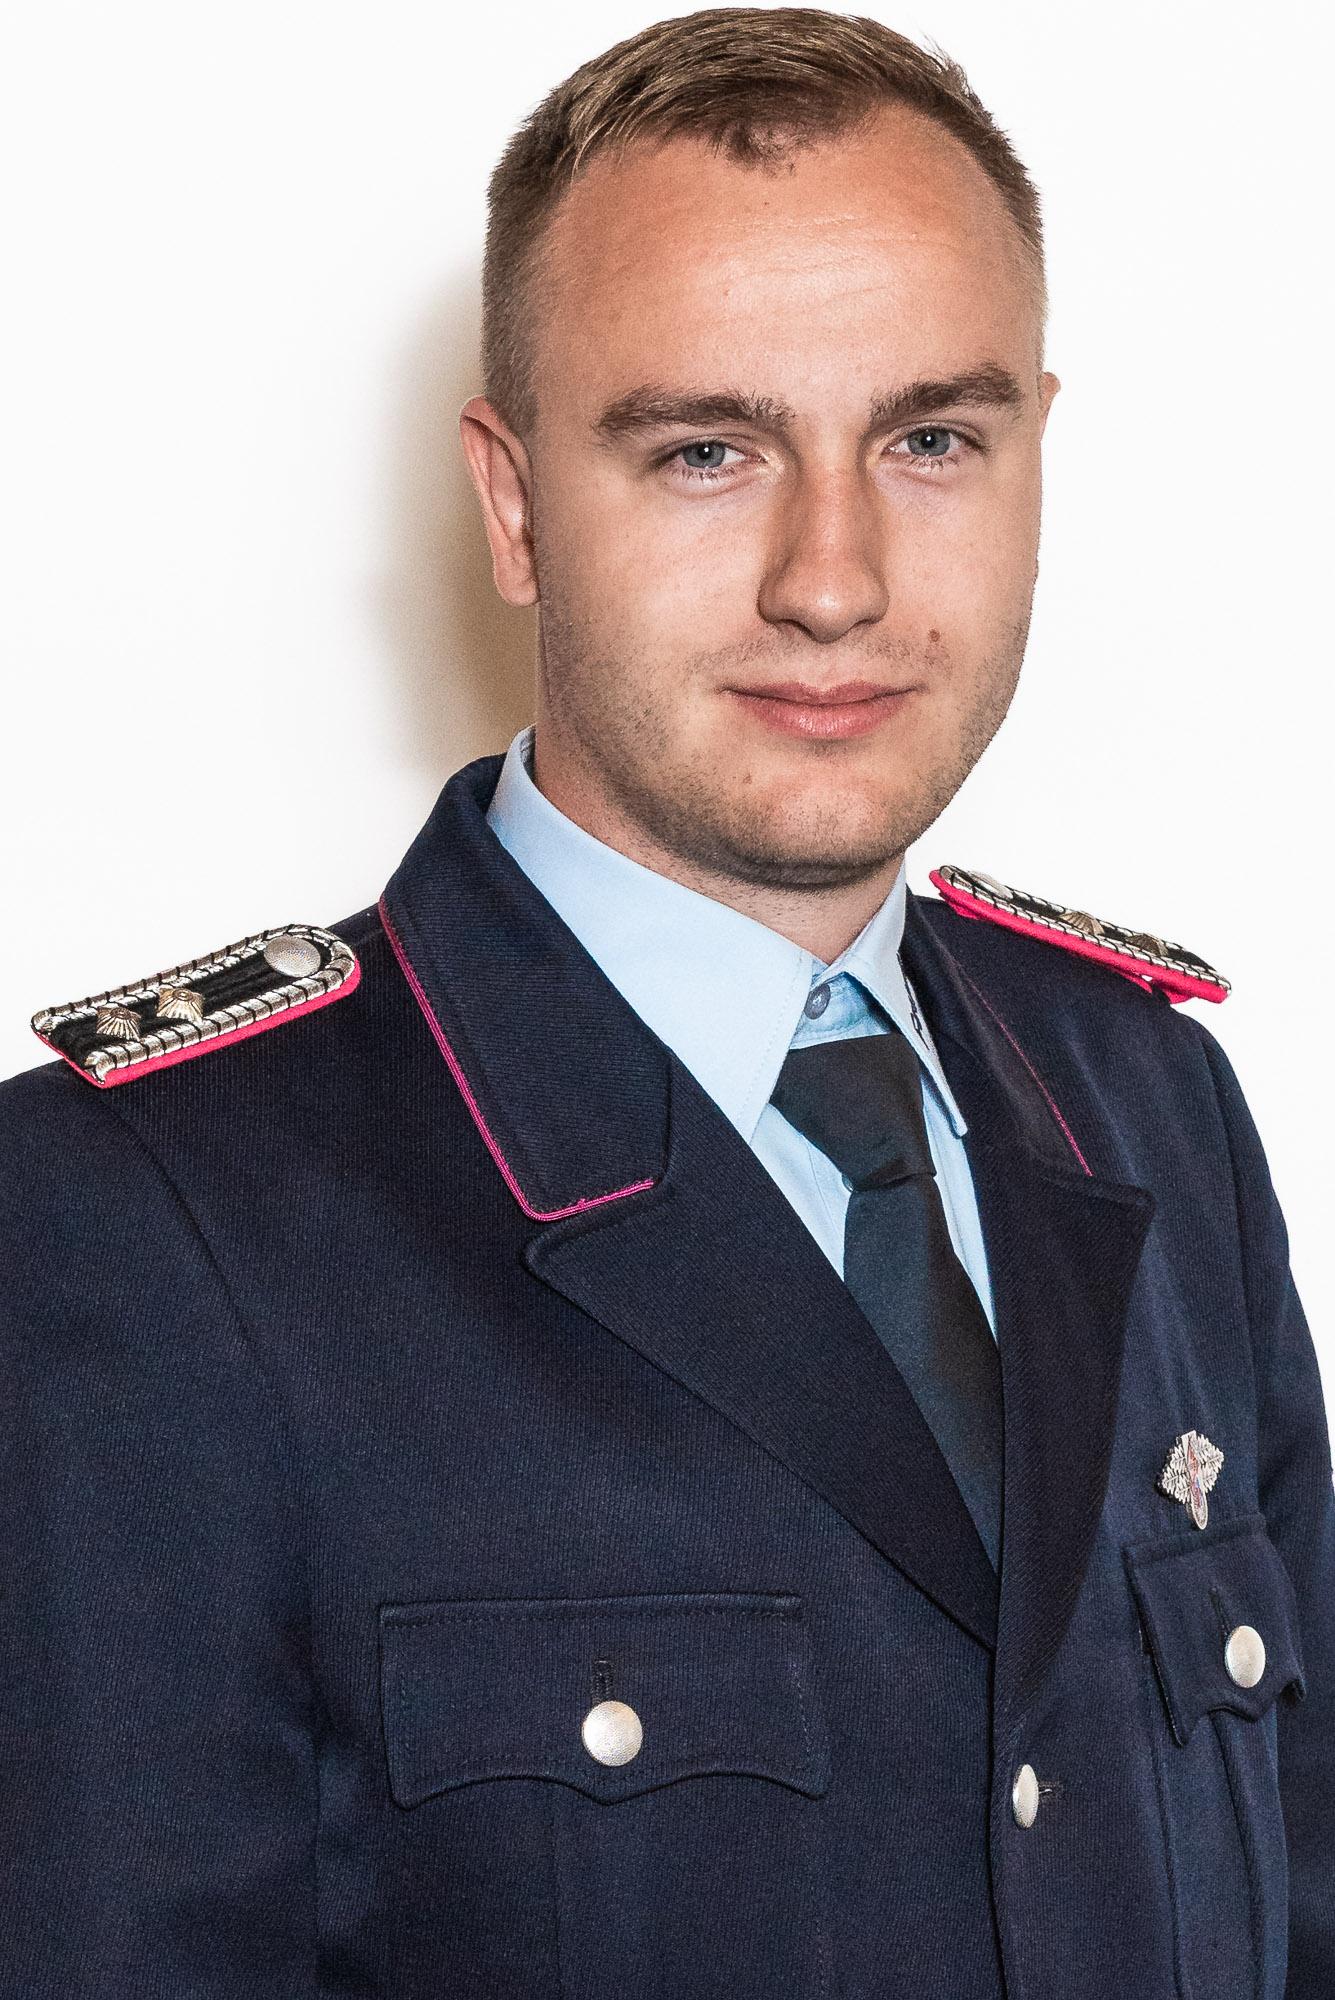 Sven von Thülen